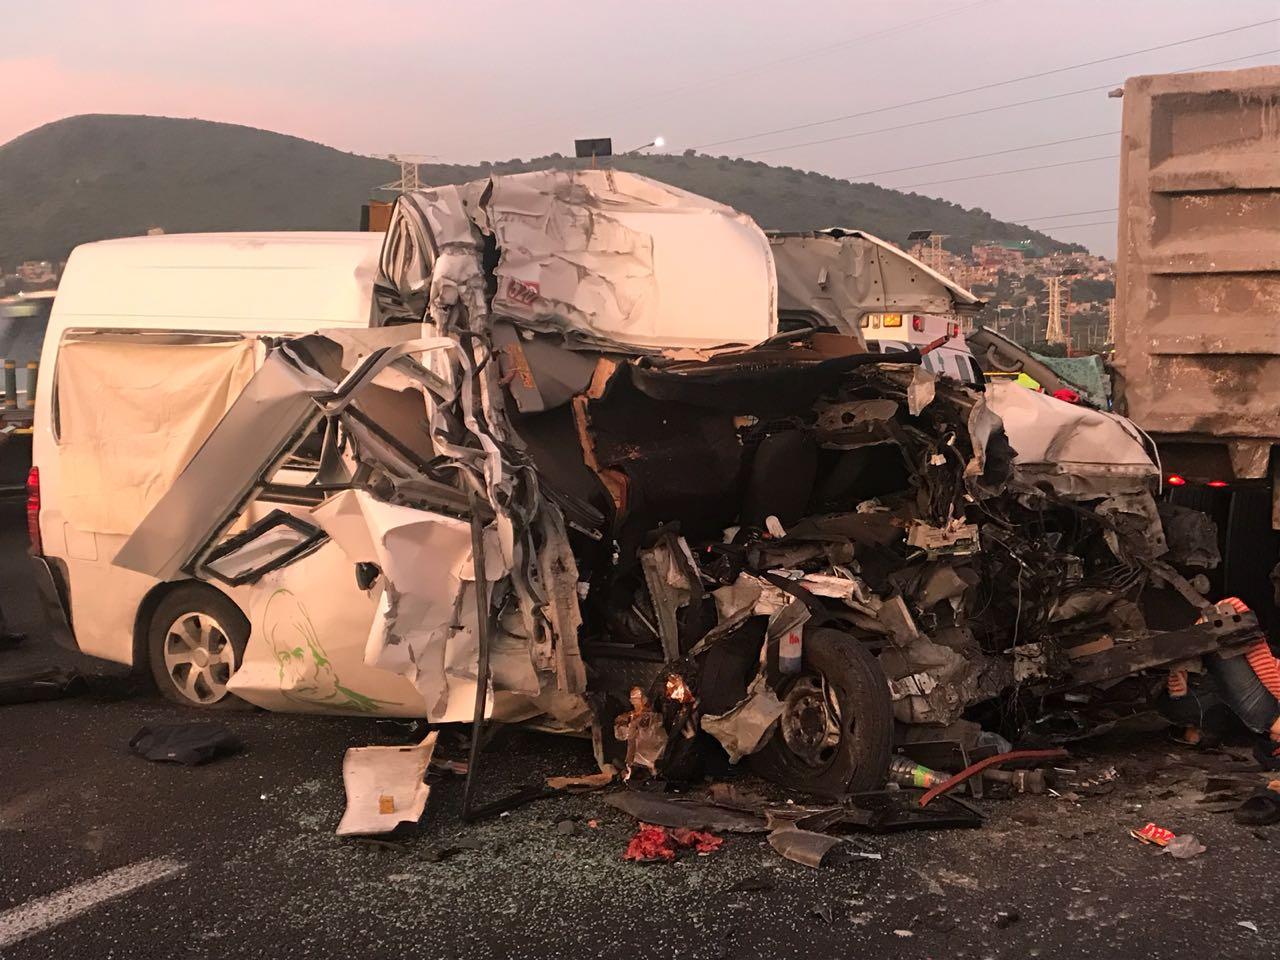 Se registra fuerte choque entre unidad de transporte público y un tractocamión en la autopista México-Pachuca